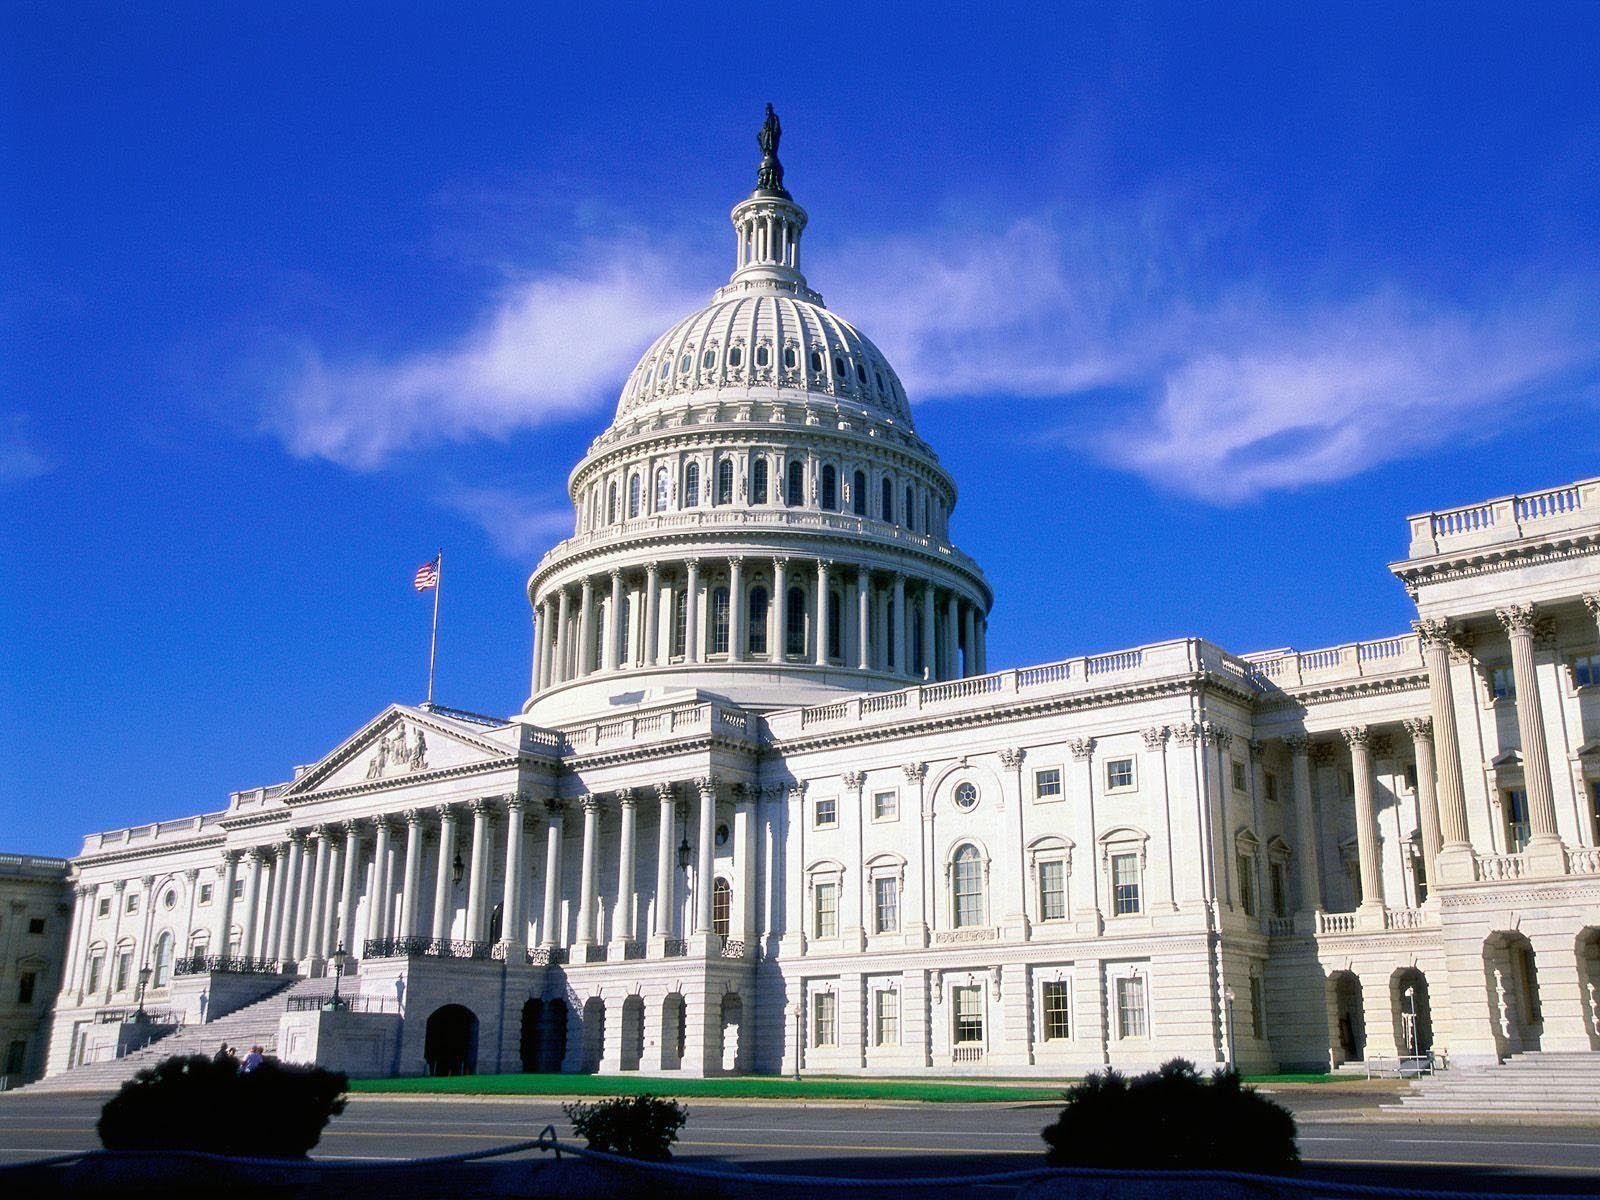 США, ЕС, санкции, белый дом